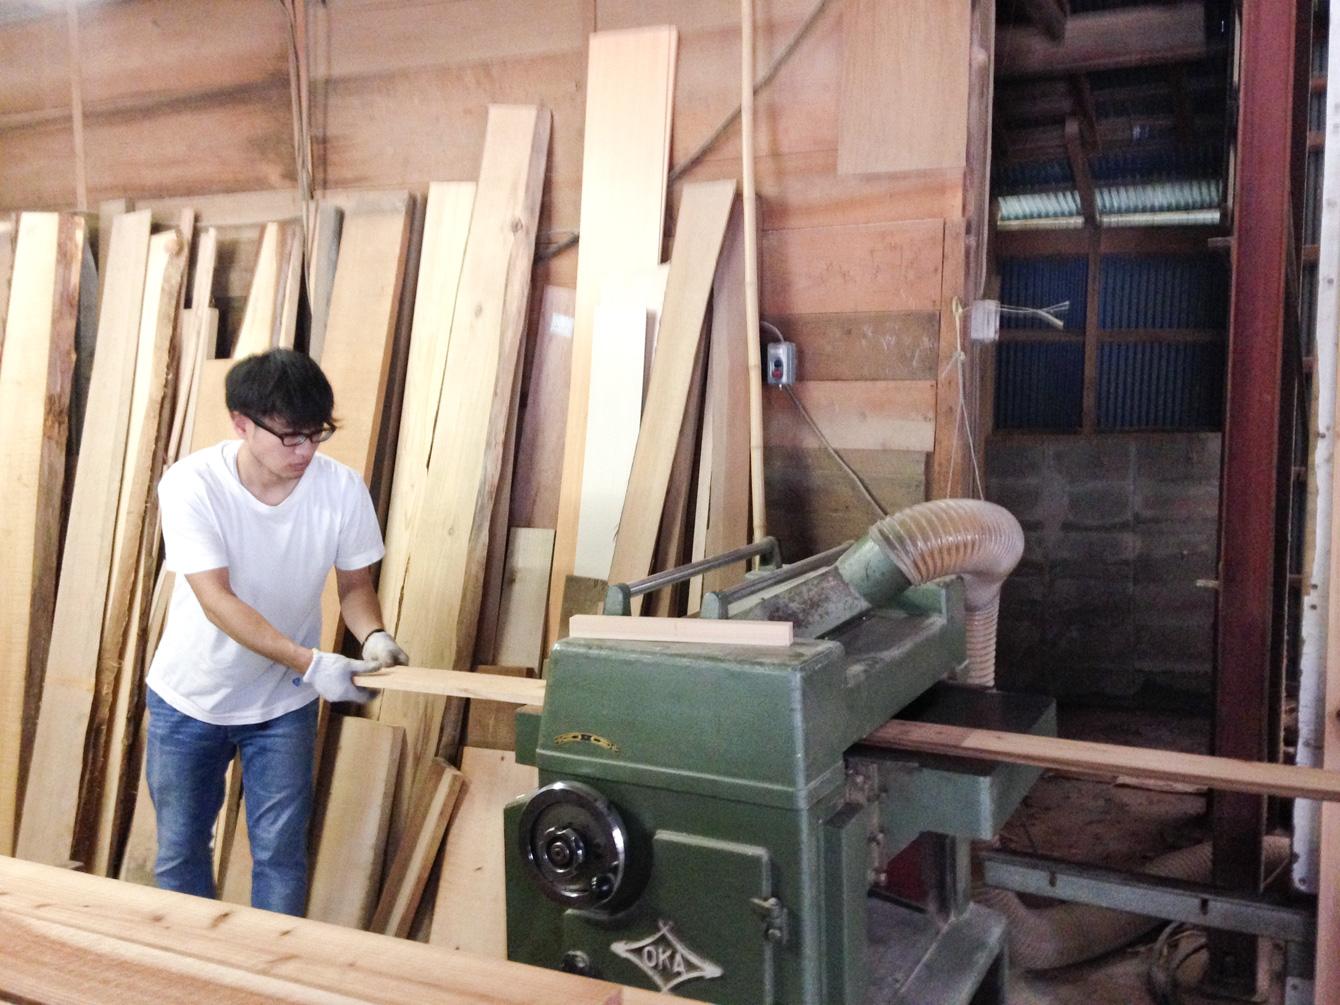 自動カンナ盤で木材の表面を削り取る。